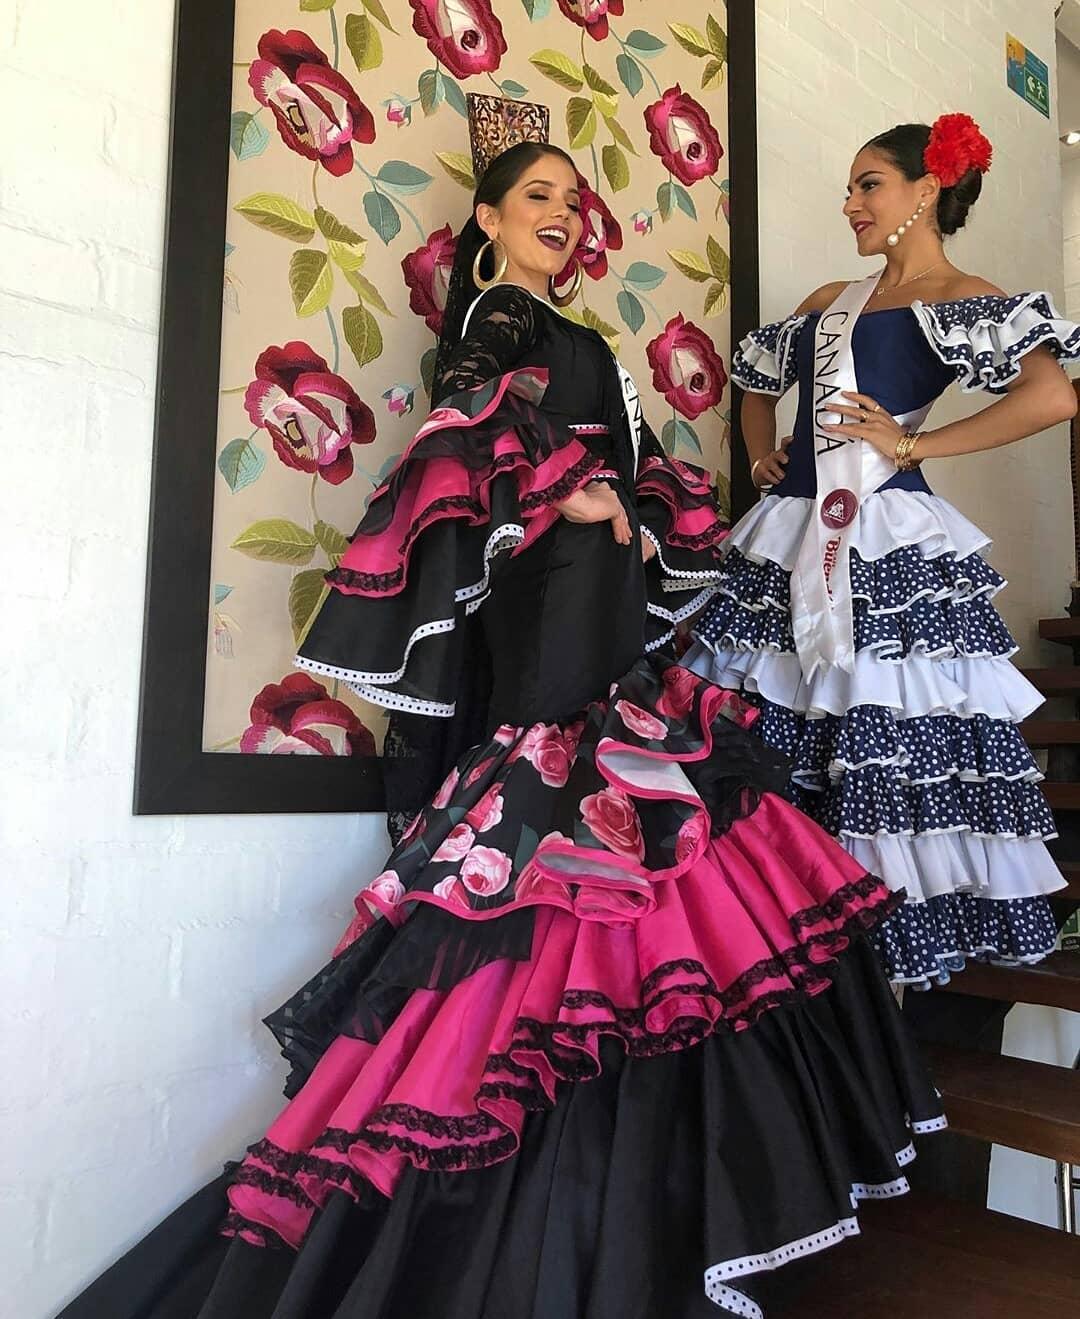 maria sofia contreras trujillo, segunda finalista de reynado internacional cafe 2019. - Página 5 47584911